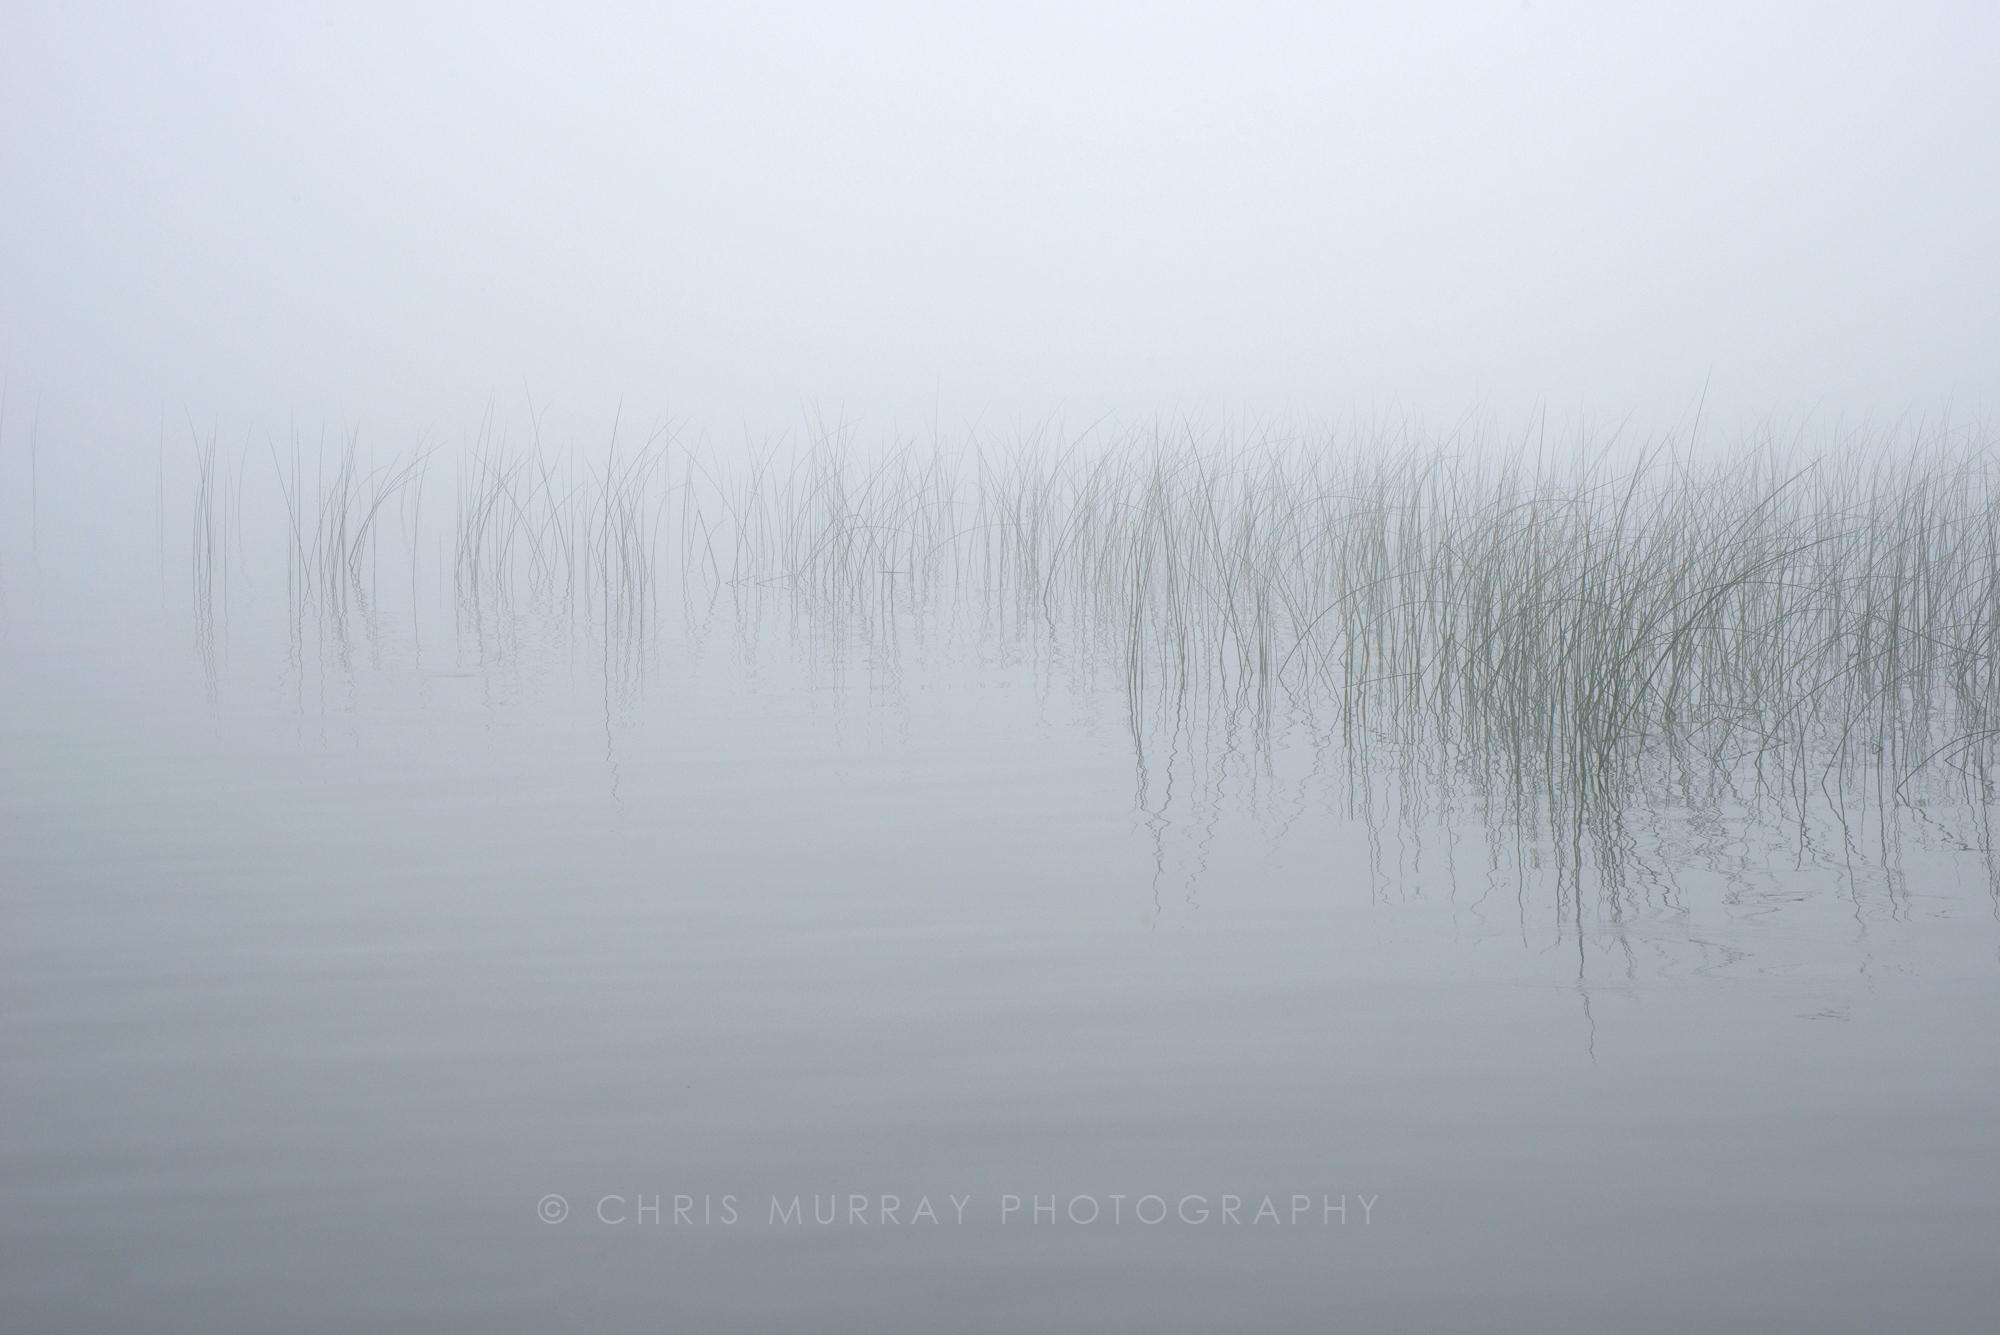 Reeds / Chris Murray